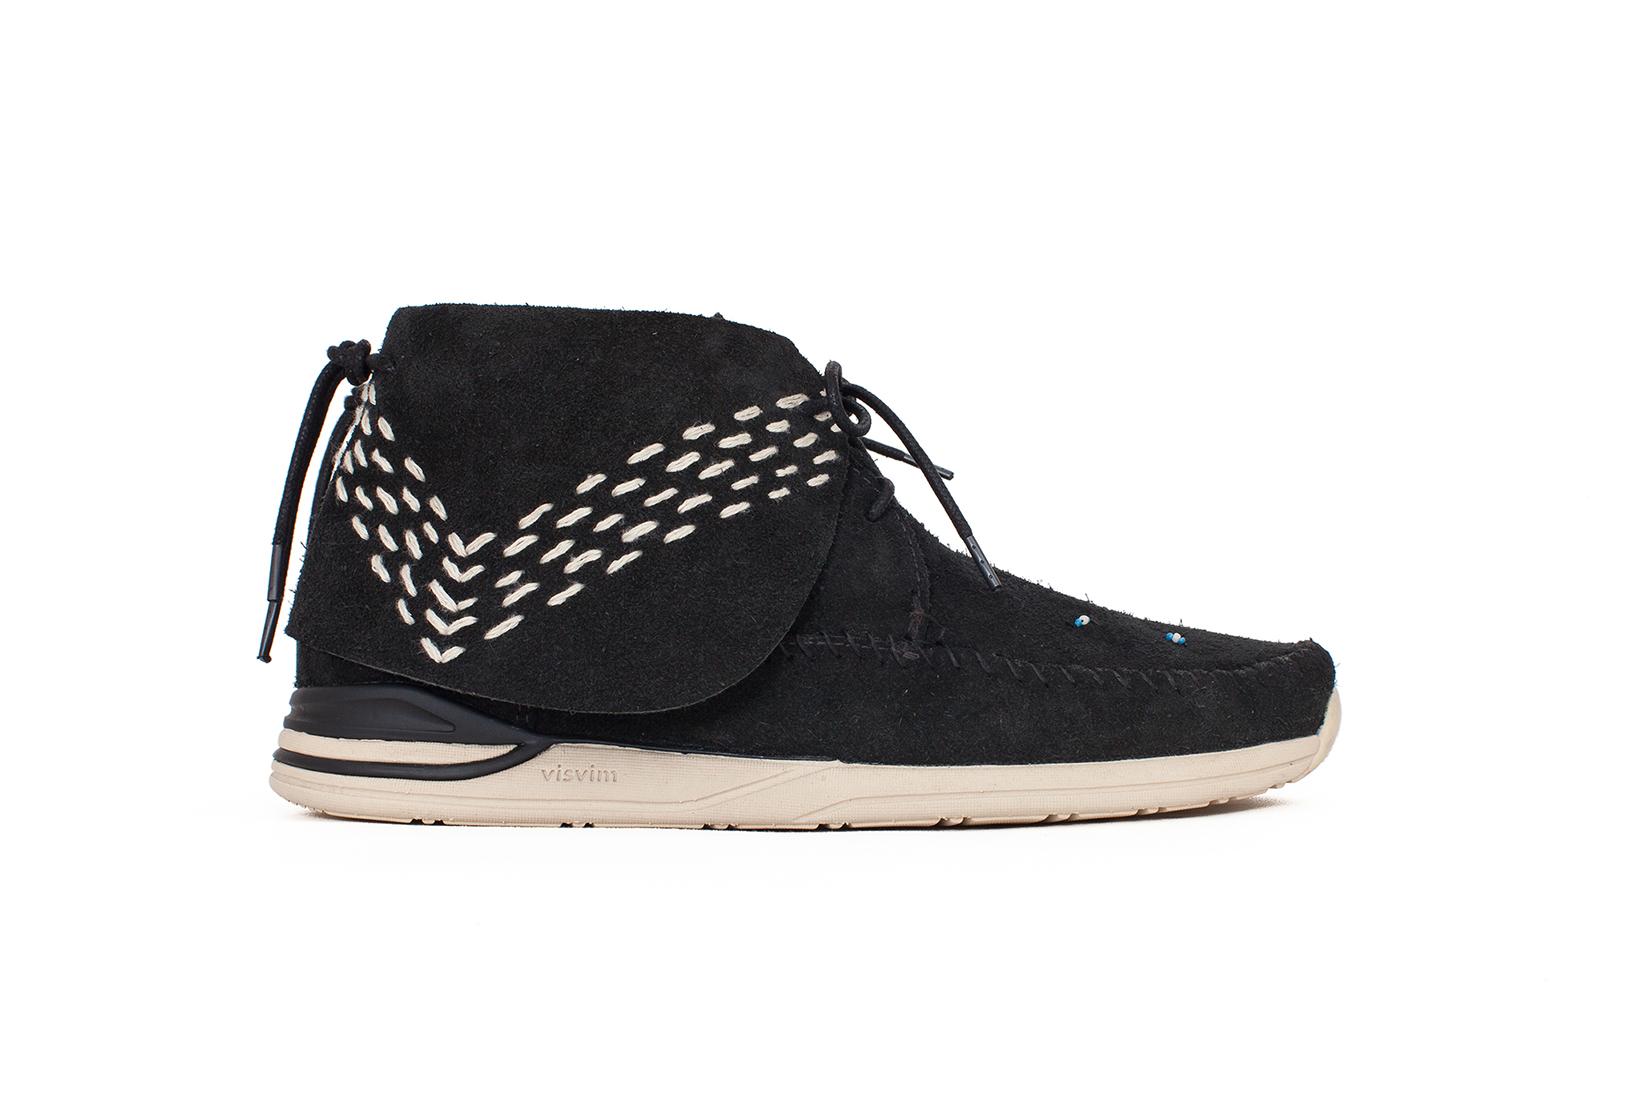 Visvim Sneakers